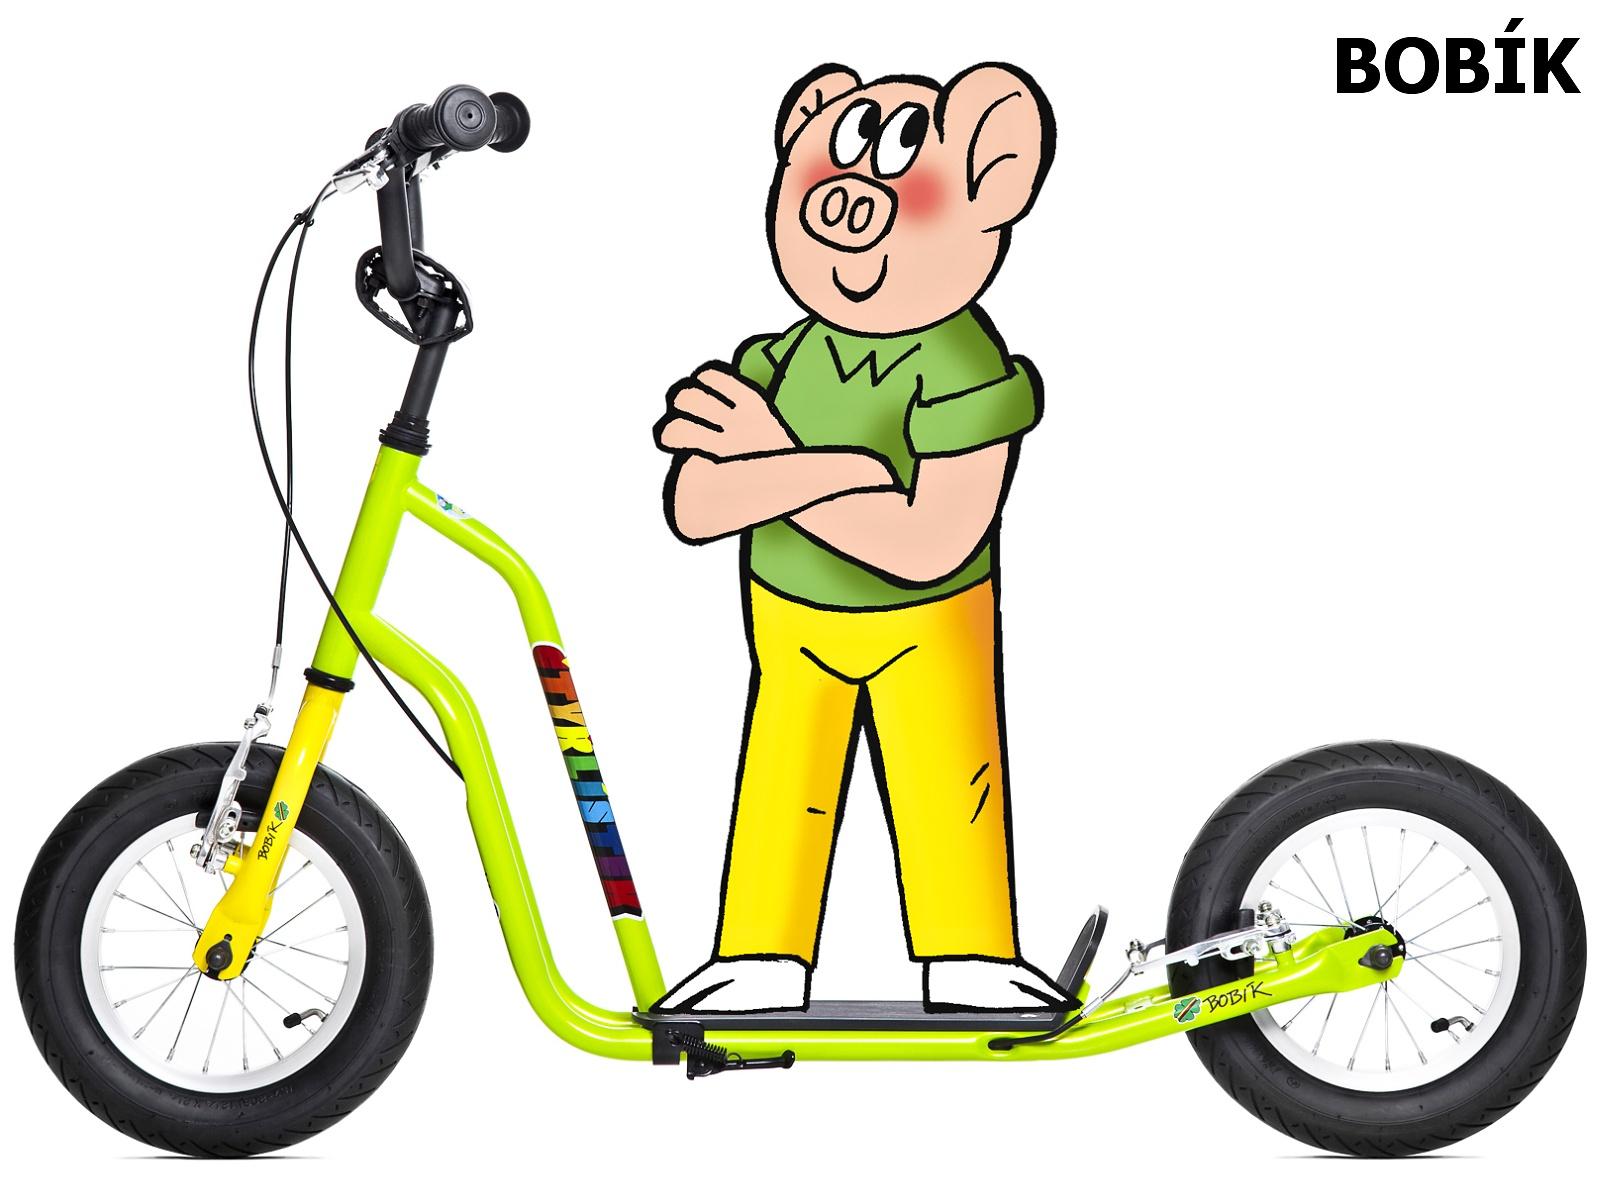 Koloběžka YEDOO Čtyřlístek Maxi Bobík